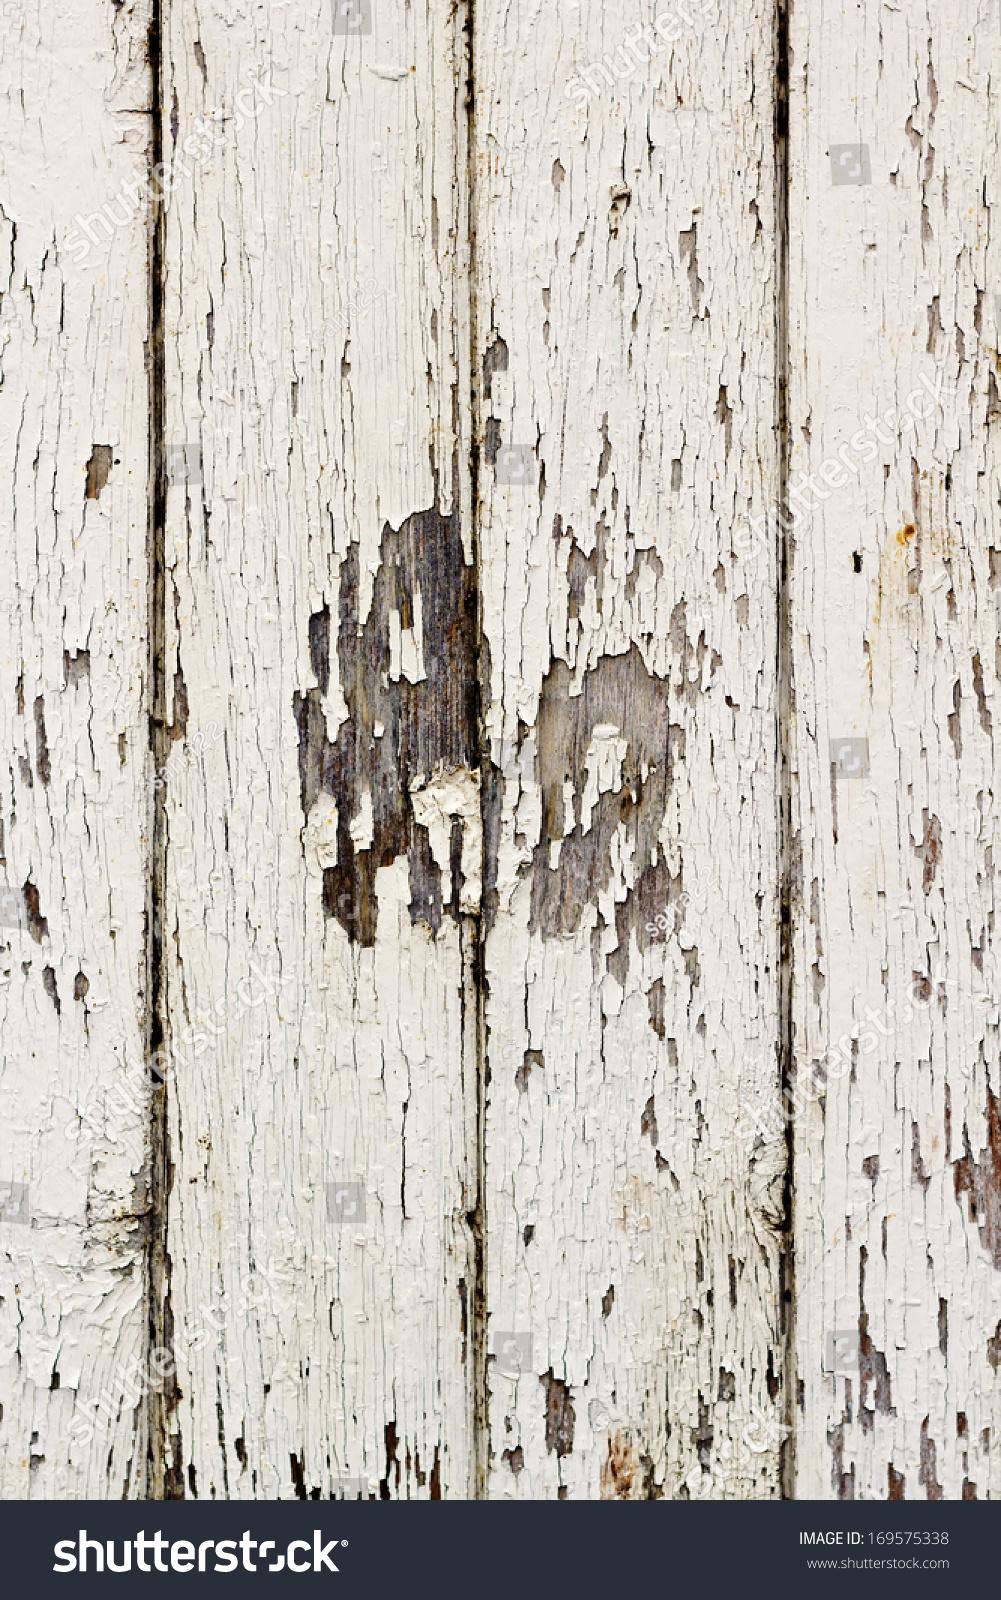 White Texture Old Wooden Door Stock Photo 169575338 ...